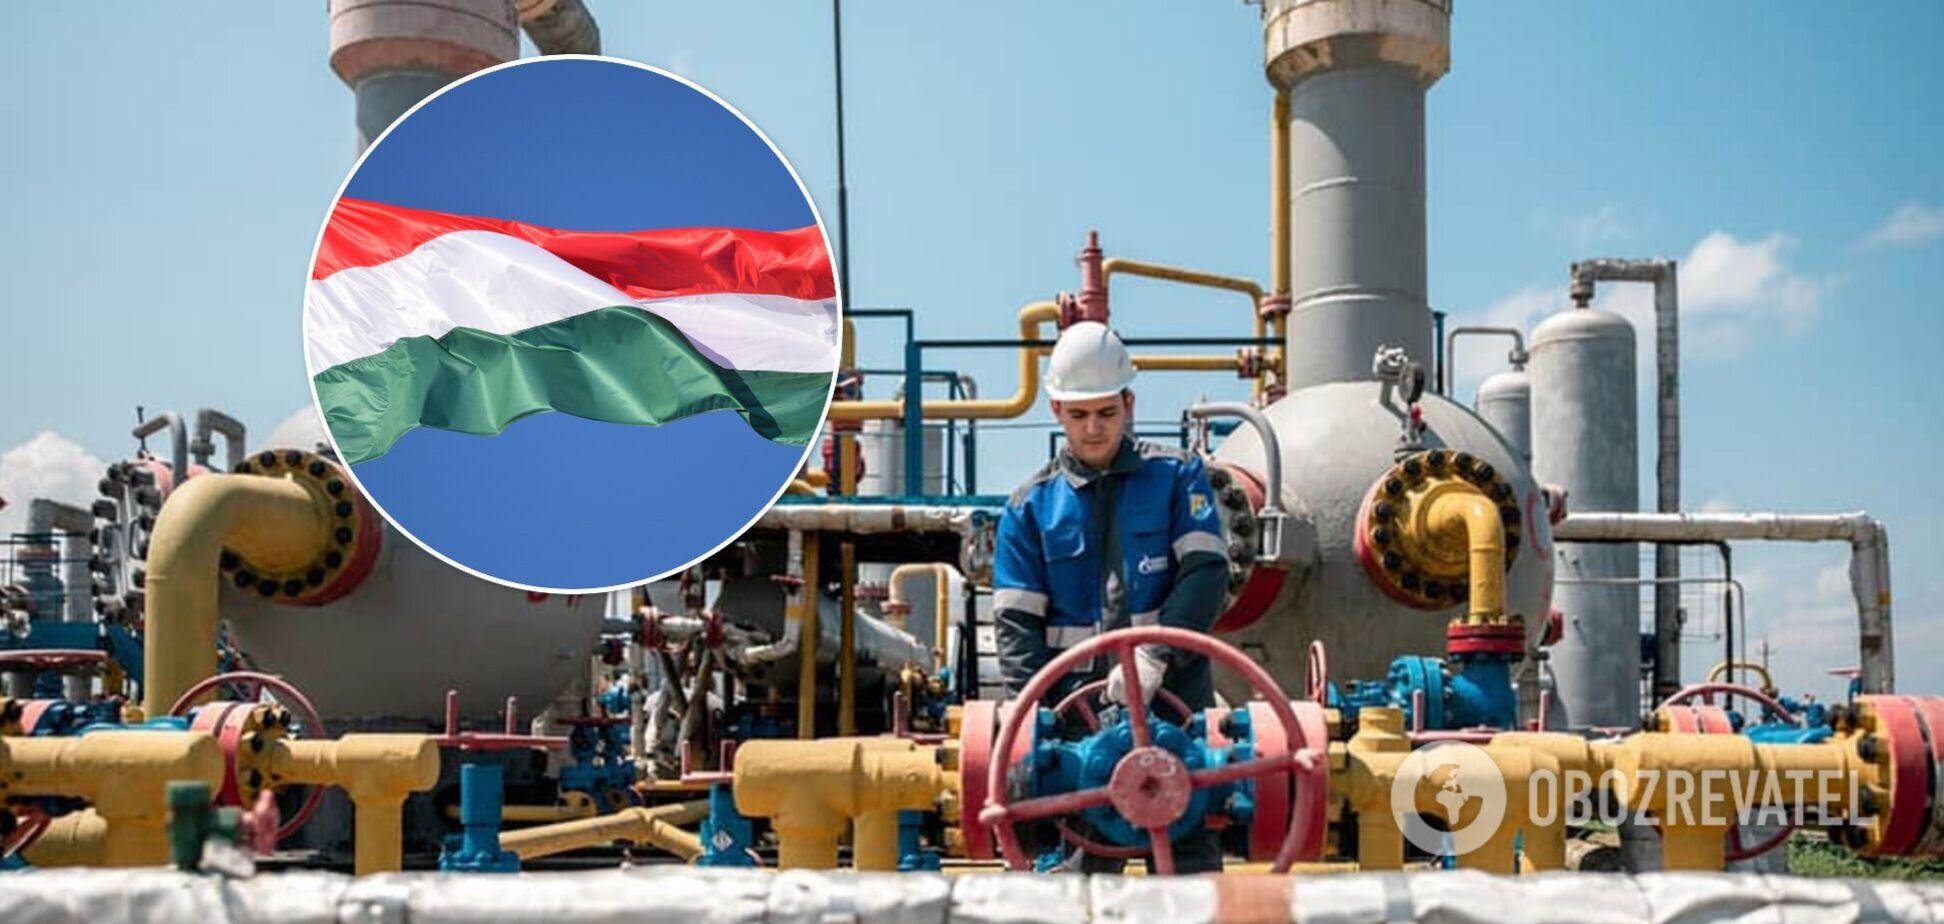 В МИД Украины разочарованы решениемВенгрииподписатьновый контракт с 'Газпромом'